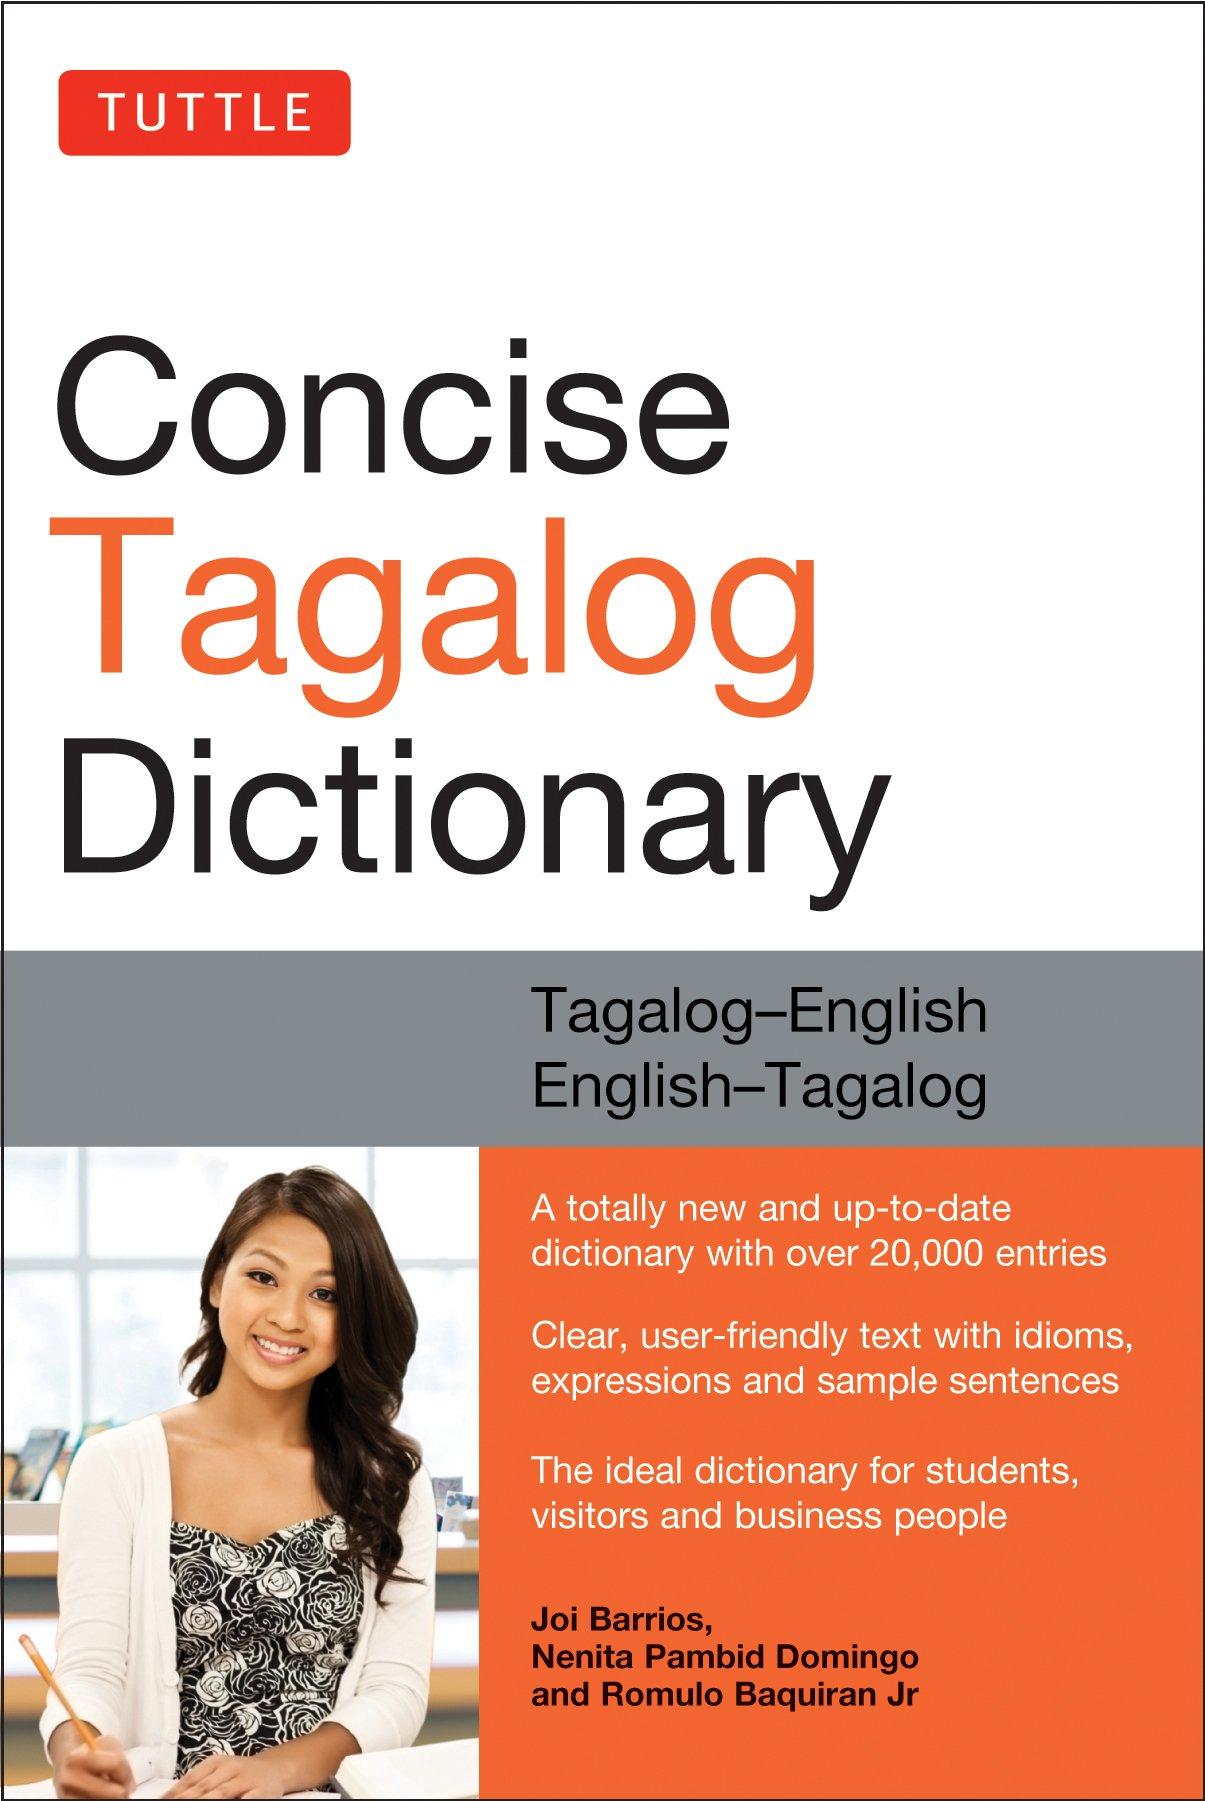 Ng website tagalog Paraphrasing Tool